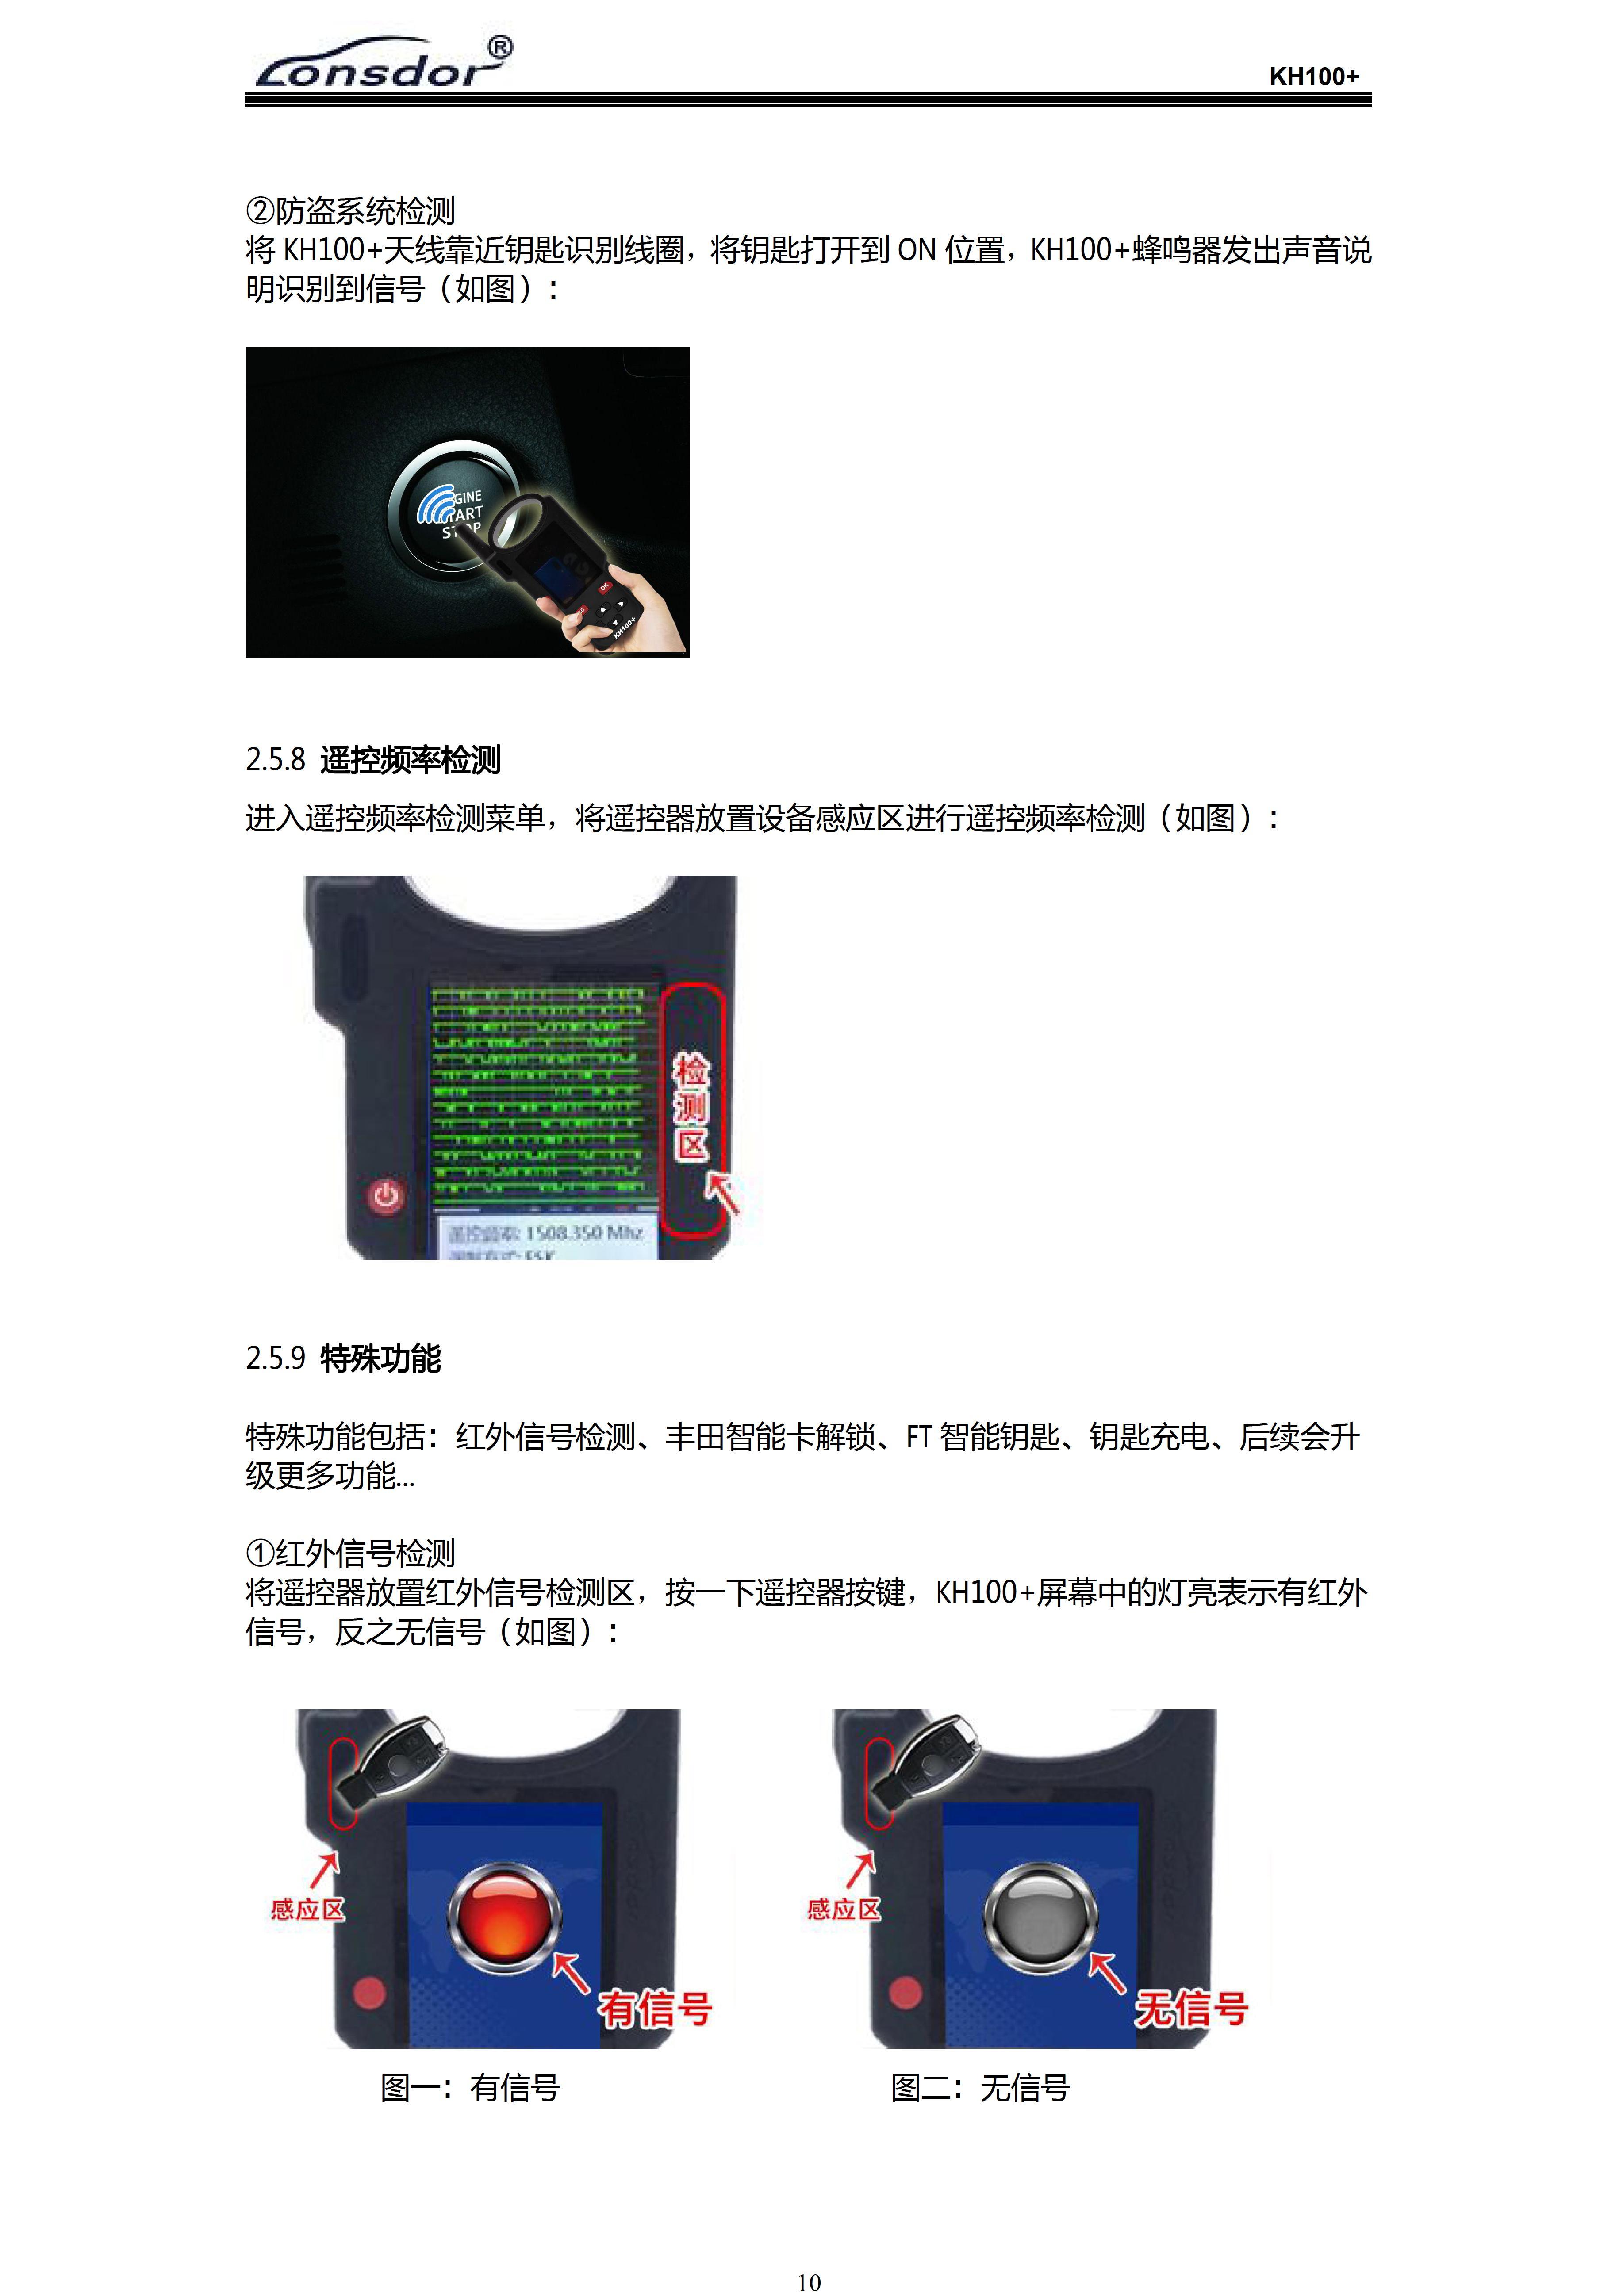 KH100说明书(110mmX75mm彩色印刷)正式版20200318 - 0011